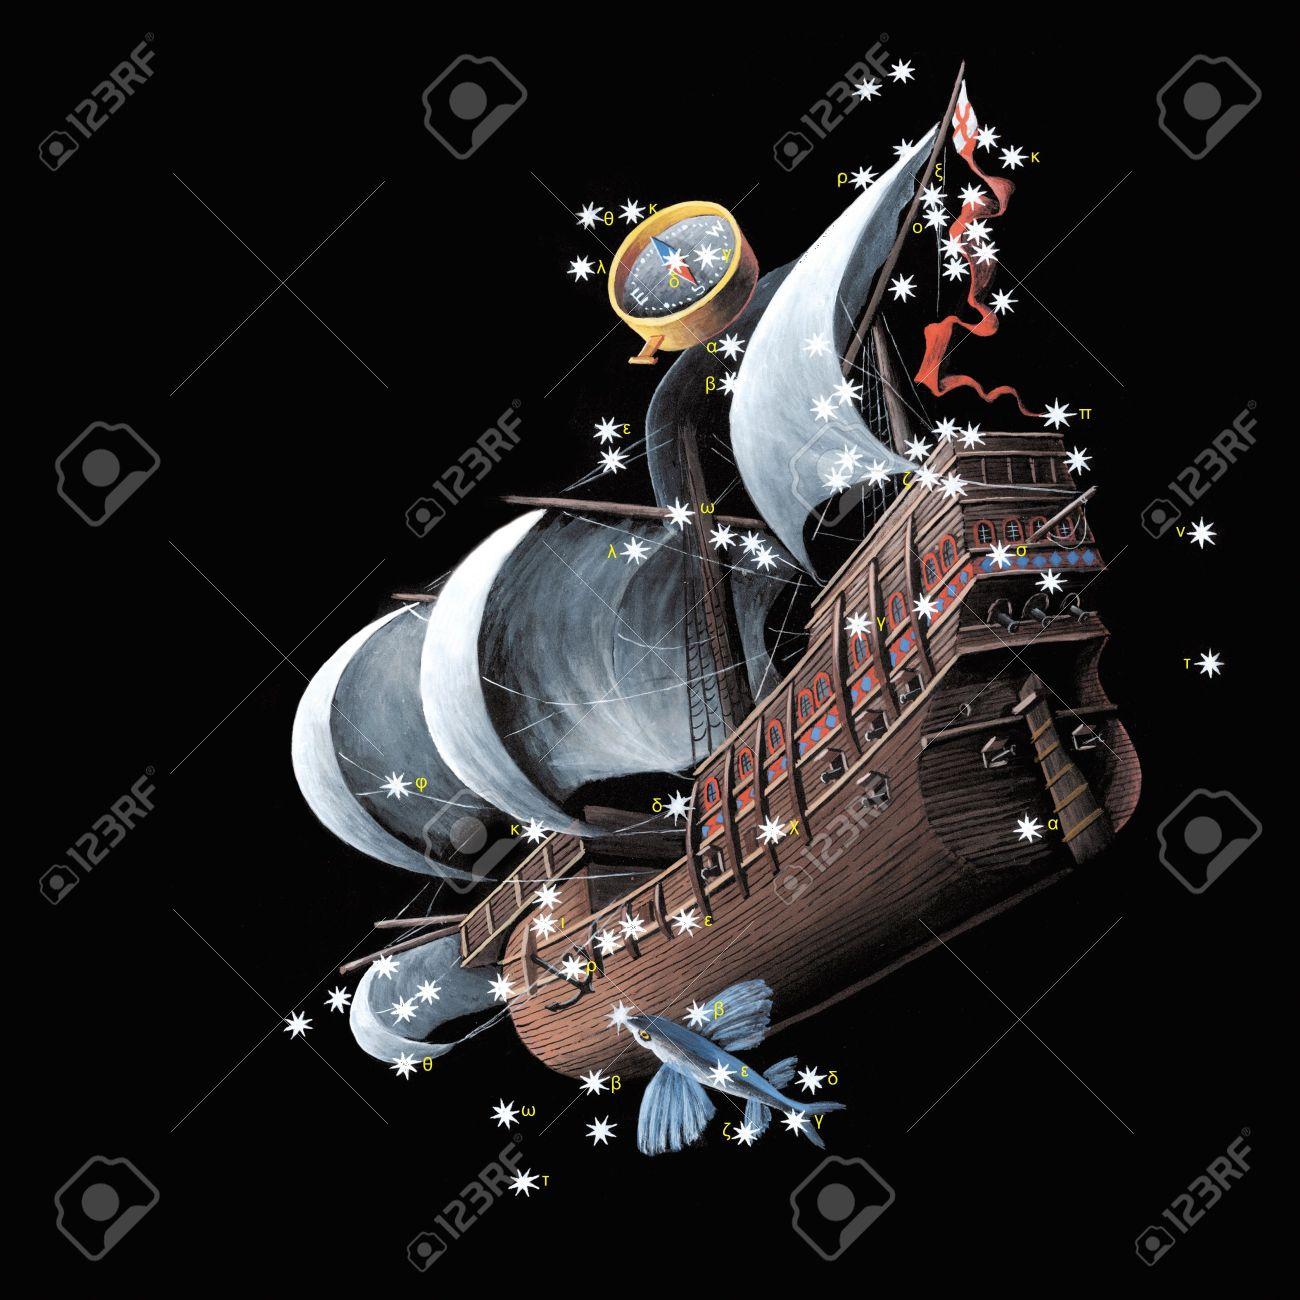 船アルゴ (カリーナ) 船アルゴ (とも) コンパス ボックス (らしんばん ...